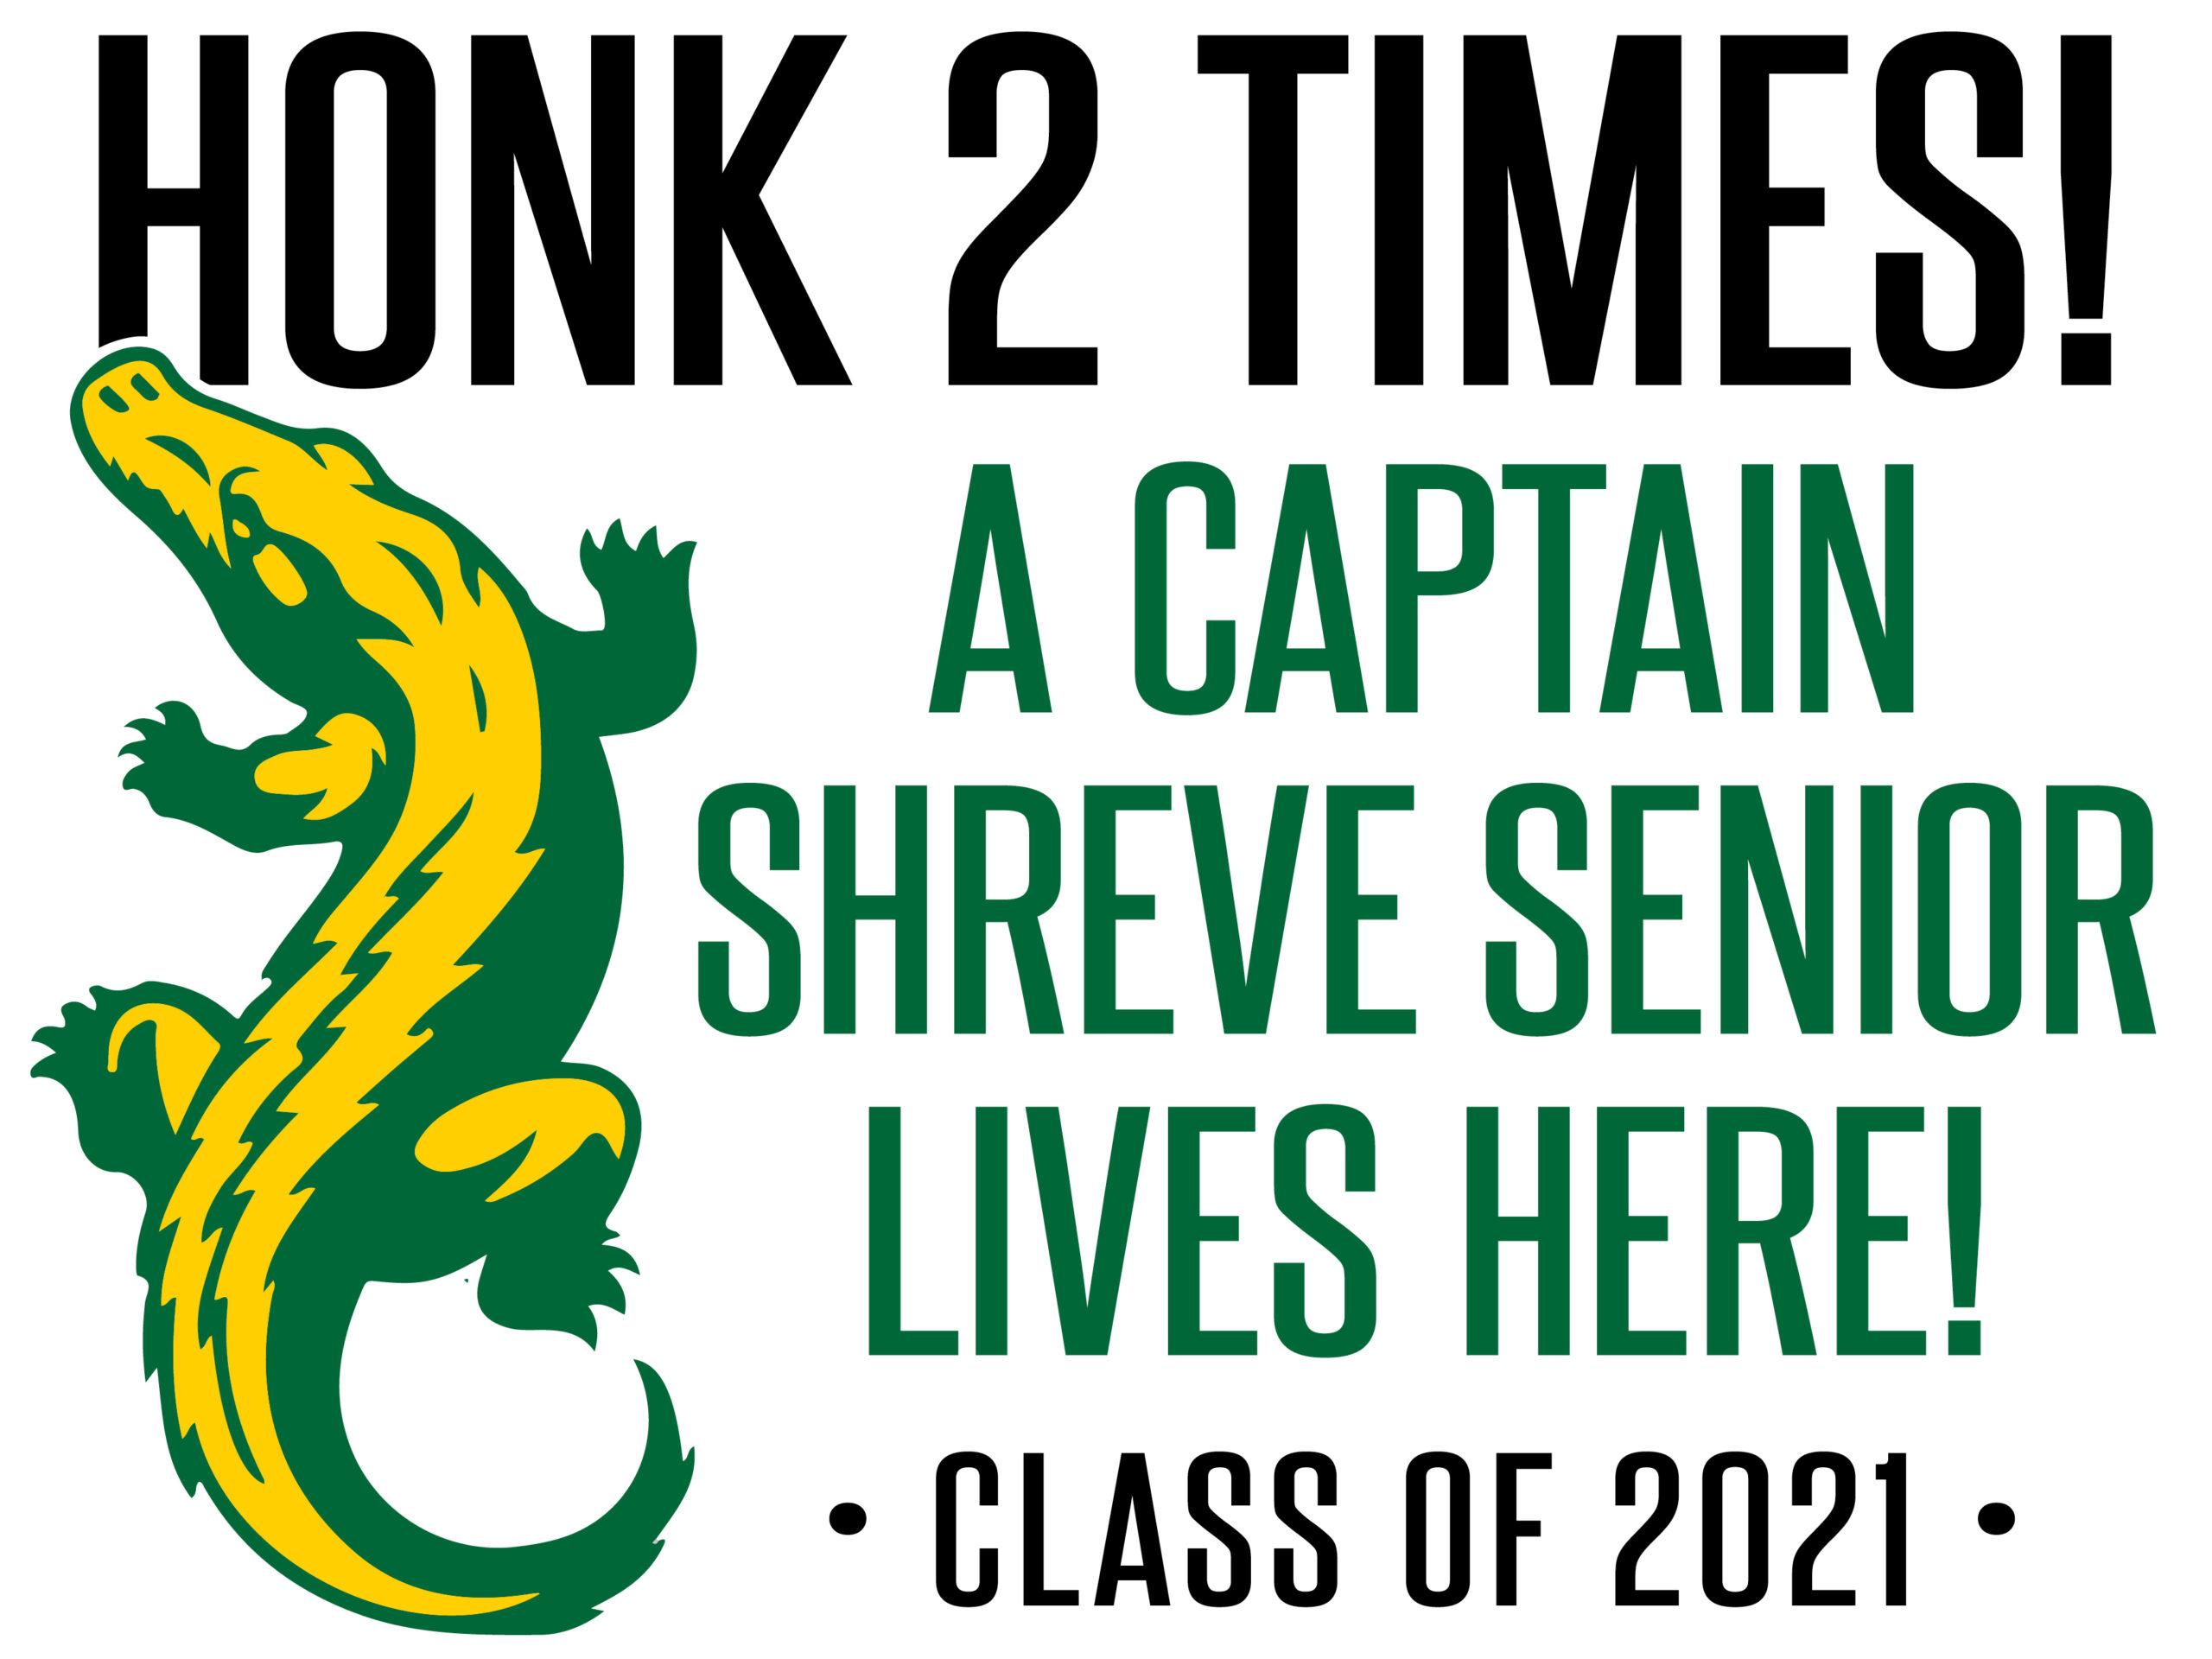 Captain Shreve Senior Yard Signs c/o 2021